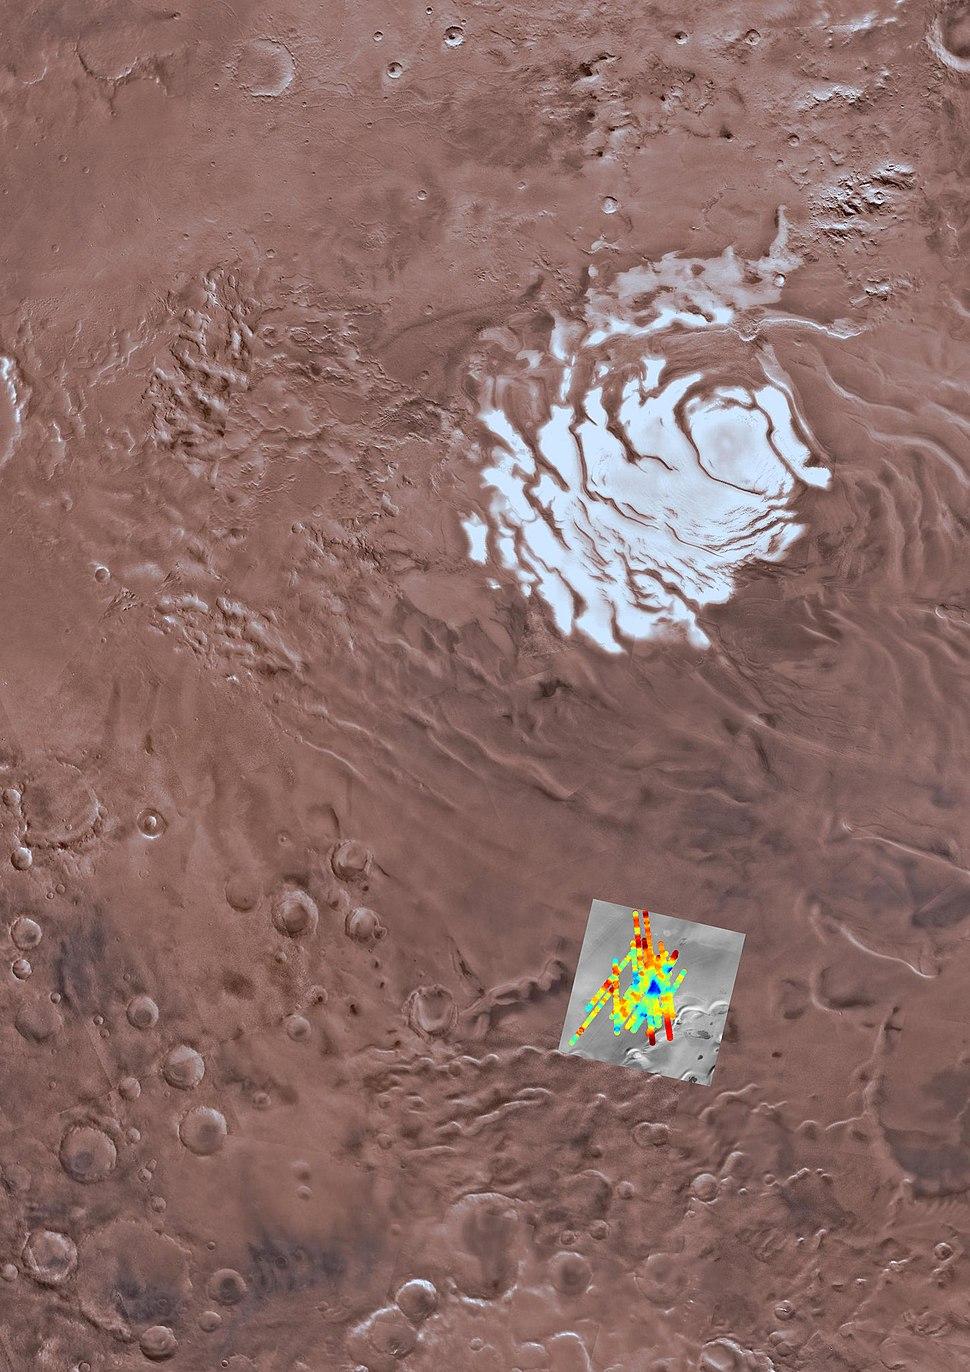 Mars-SubglacialWater-SouthPoleRegion-20180725